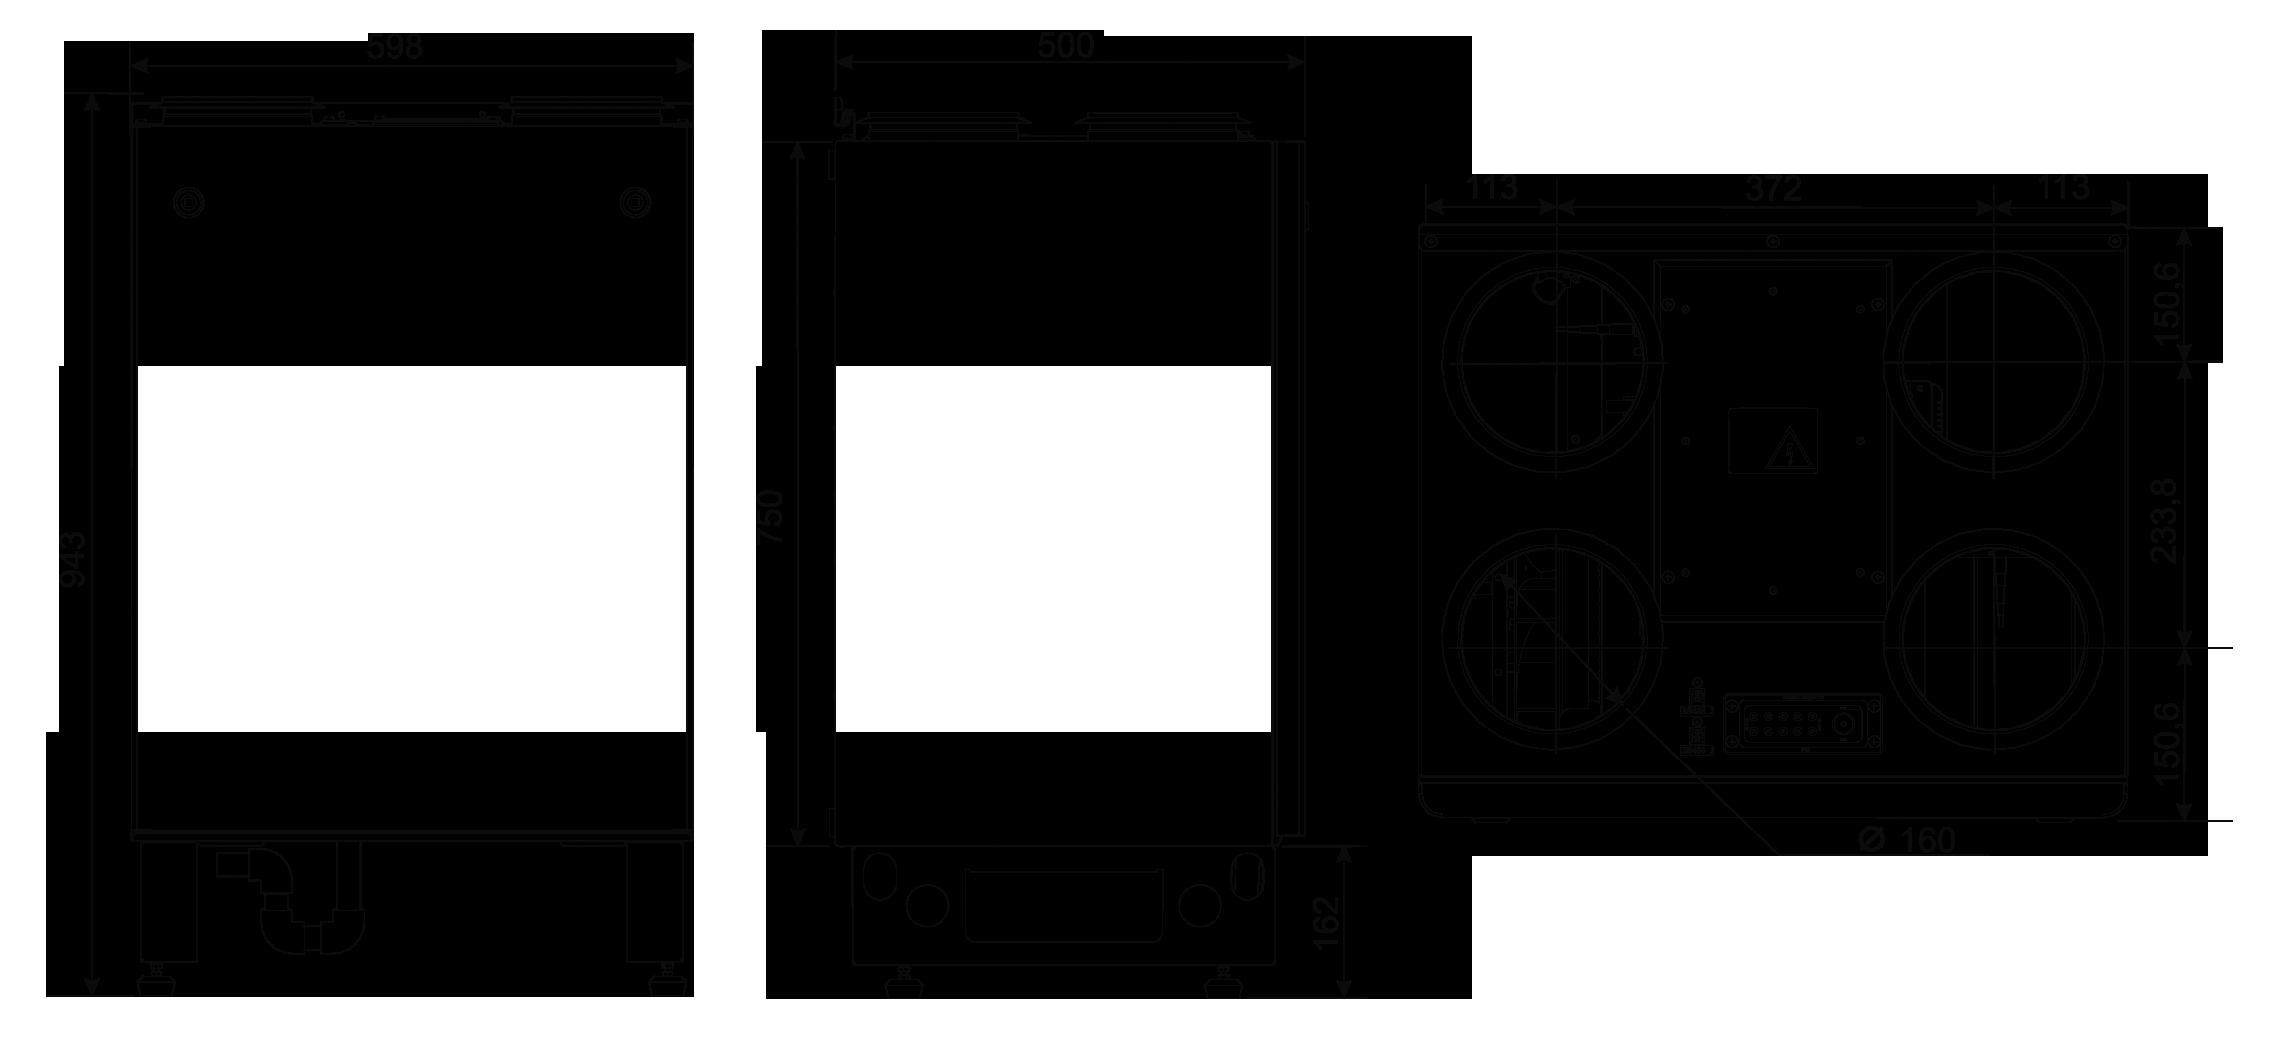 centrala wentylacyjna salda smarty 3x ver wymiary